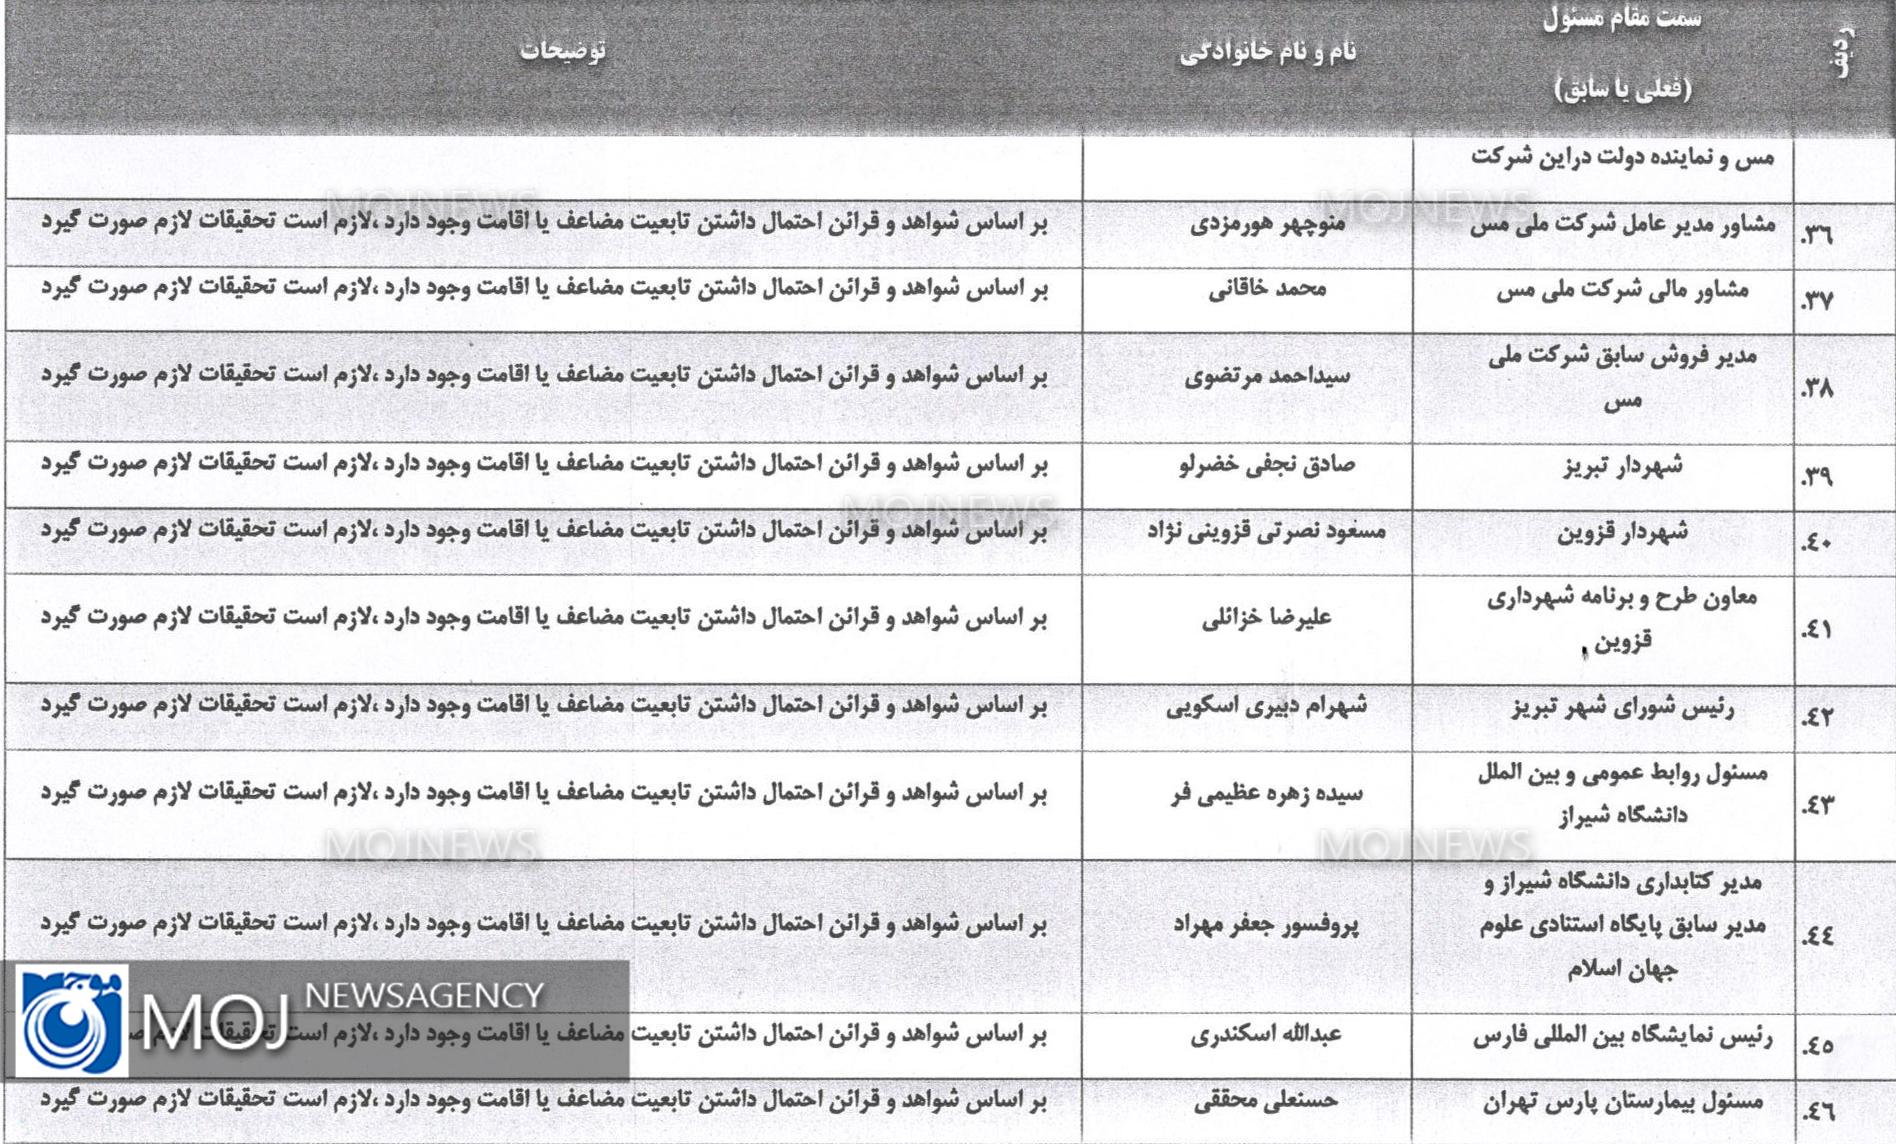 لیست افراد دو تابعیتی بر اساس شواهد و قرائن 4